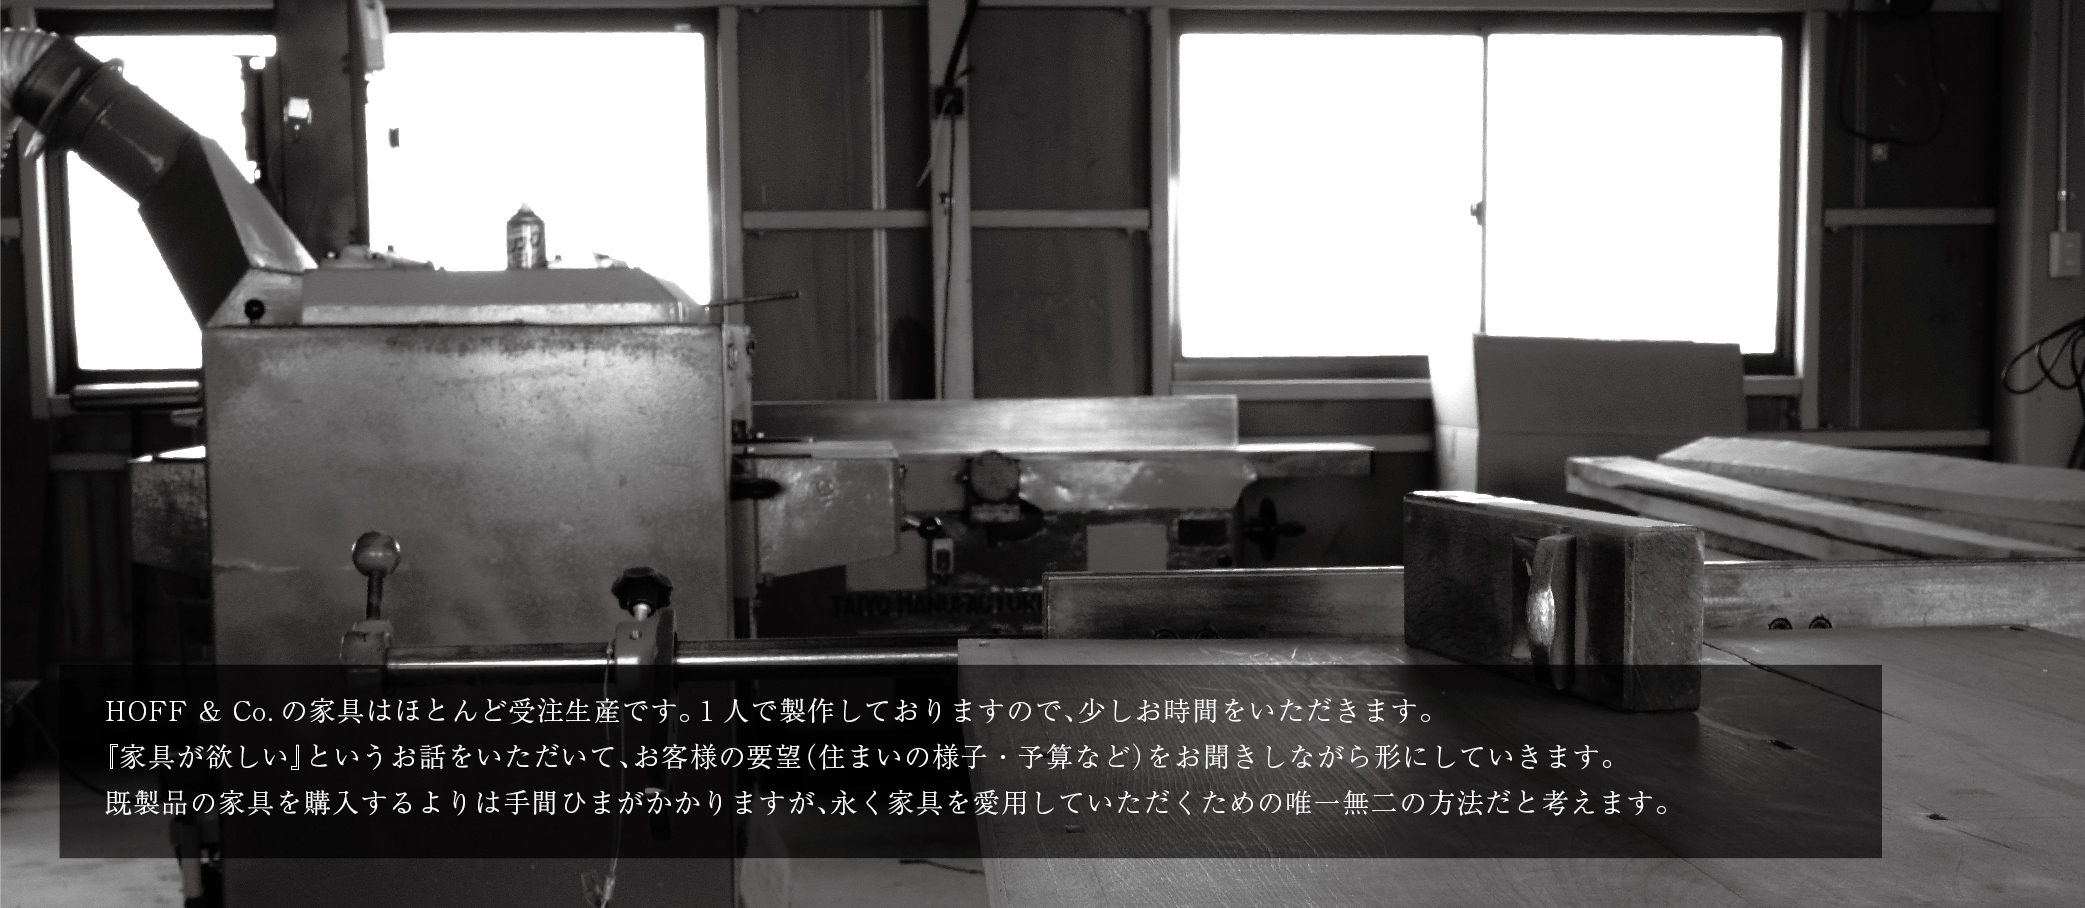 02_アートボード 1